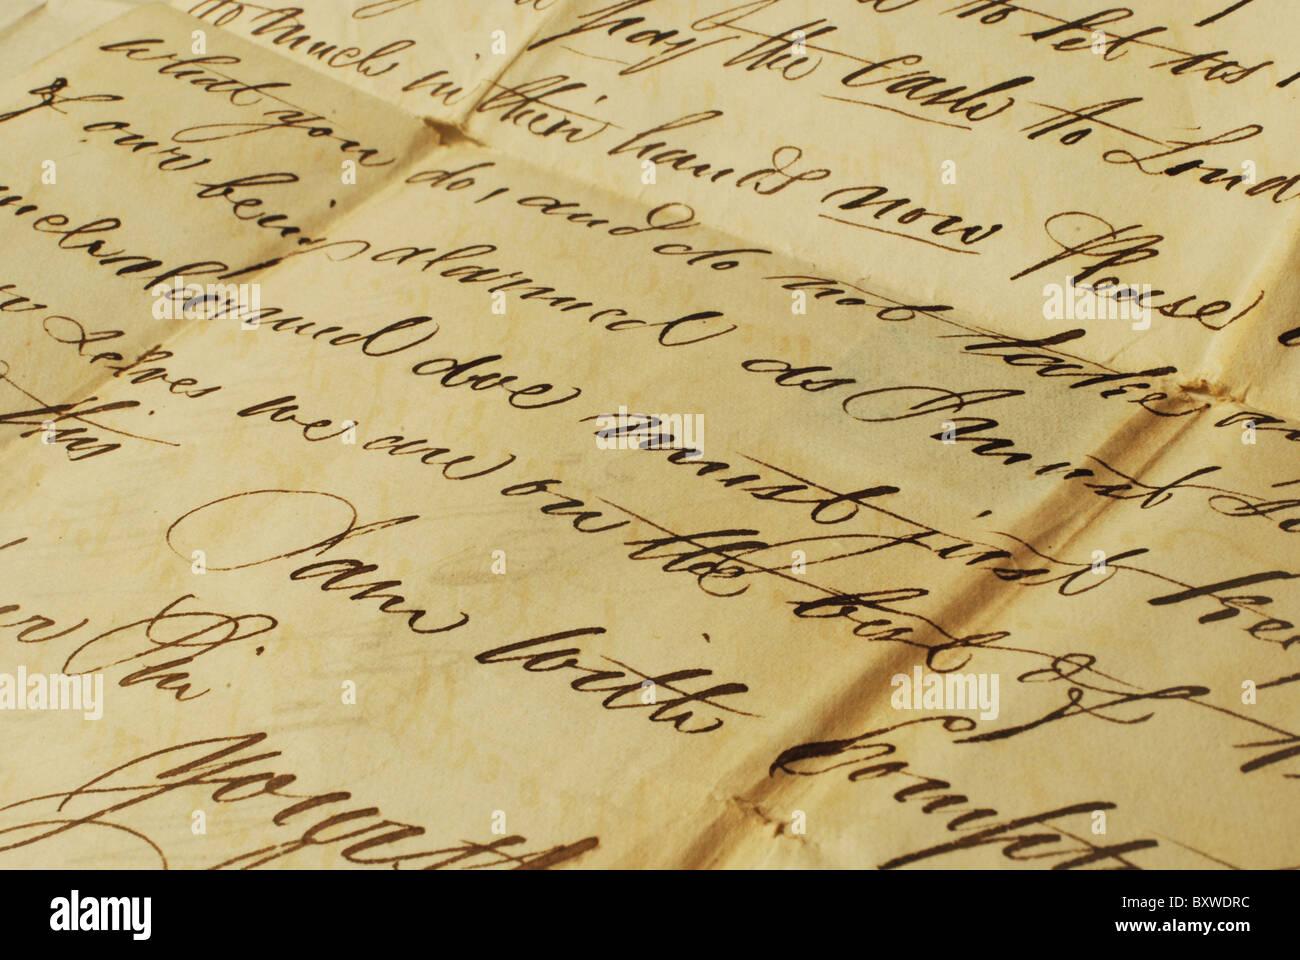 Chiusura del vecchio lettera con elegante calligrafia Immagini Stock